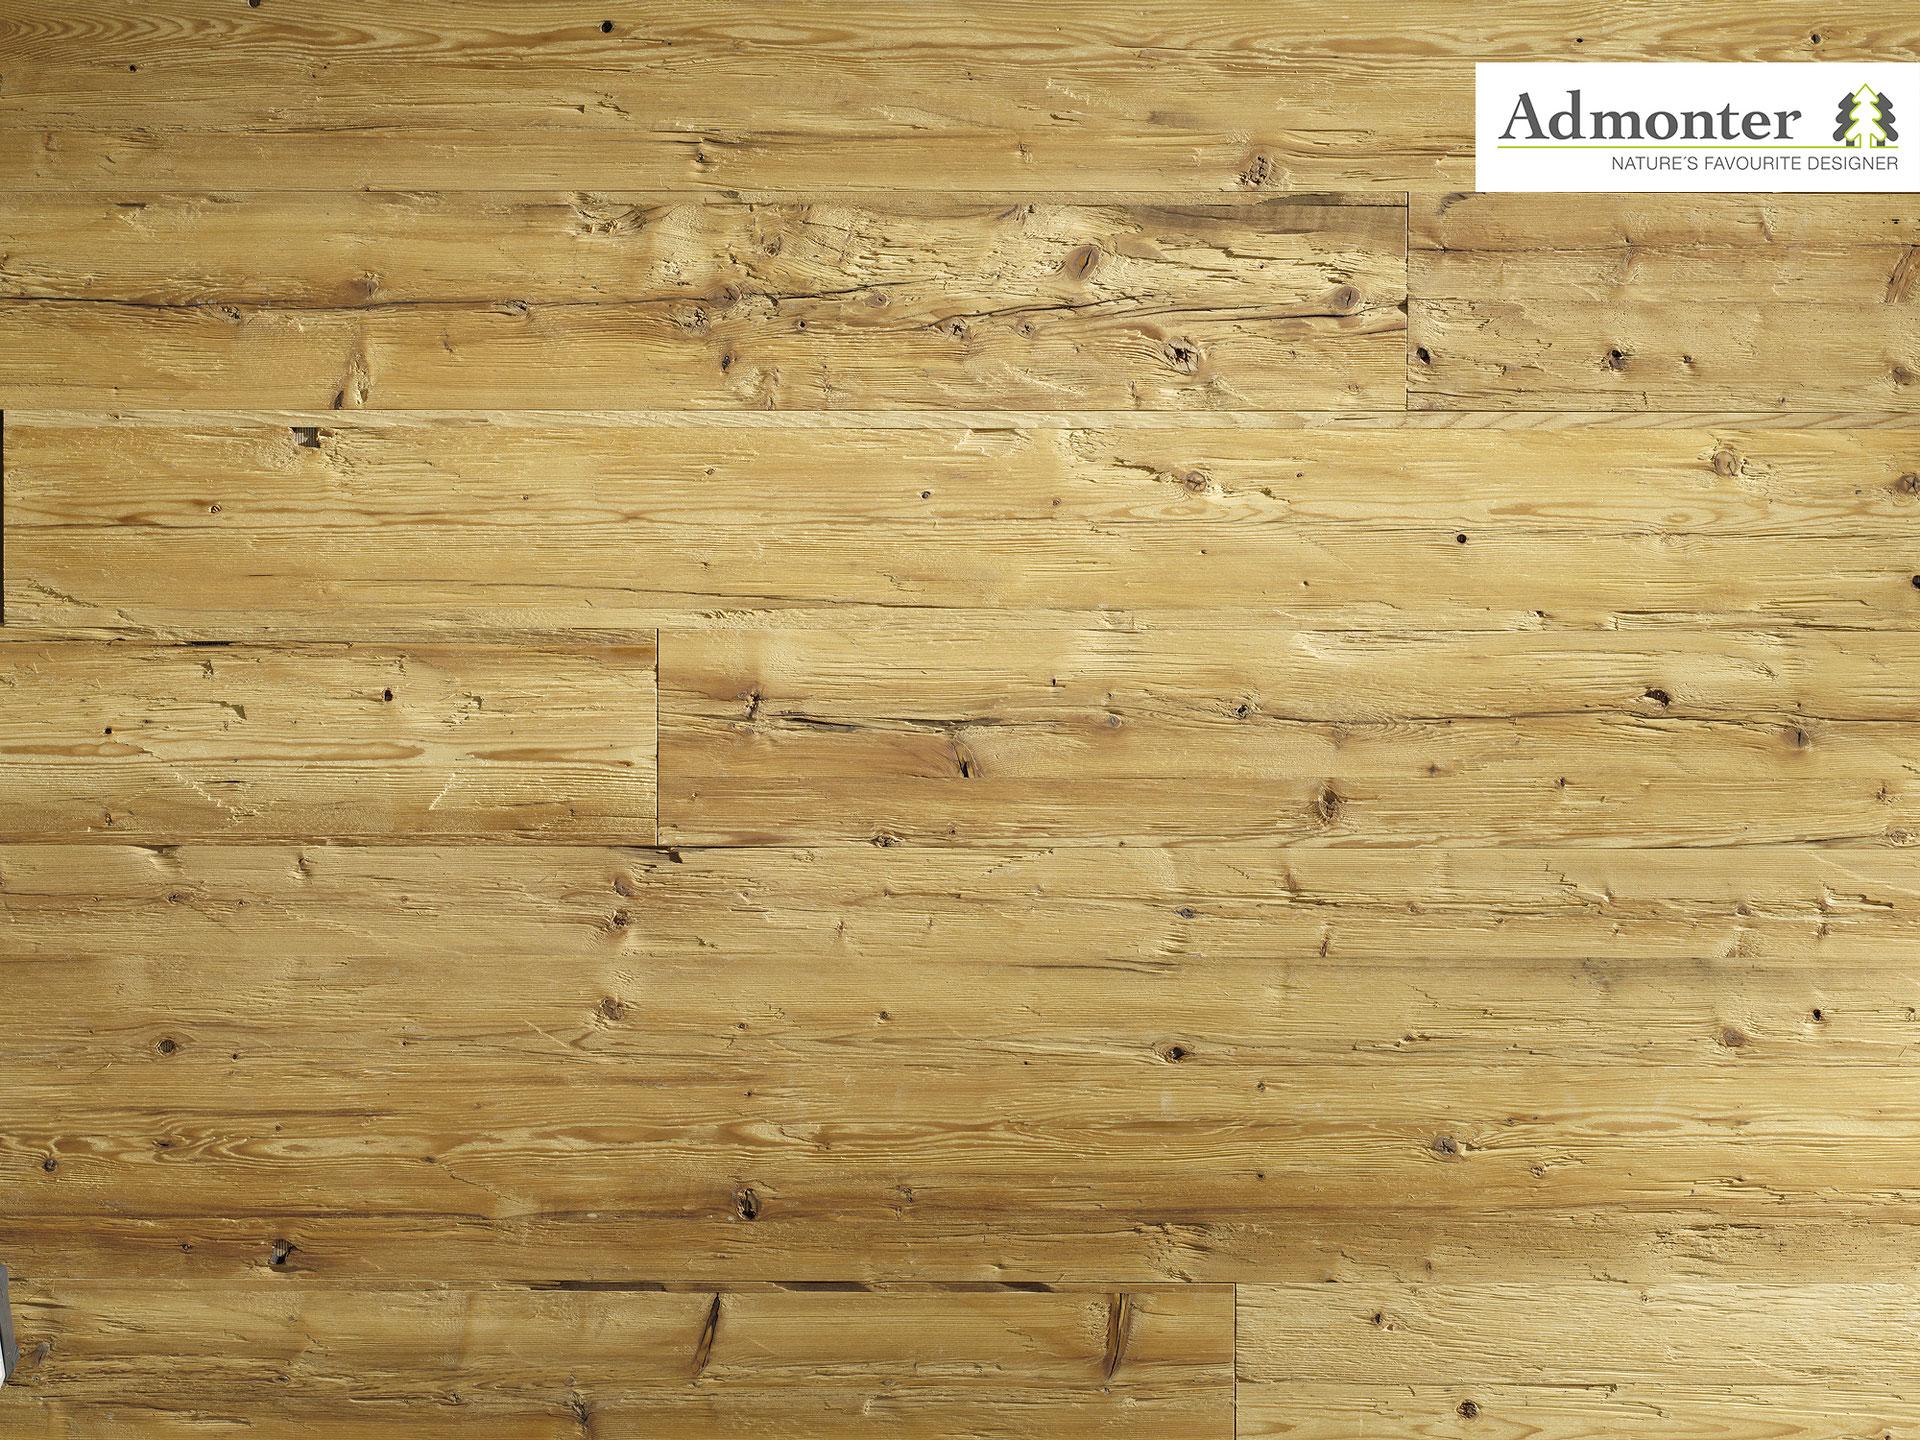 wand und deckenverkleidung admonter galeria holz schneitler. Black Bedroom Furniture Sets. Home Design Ideas